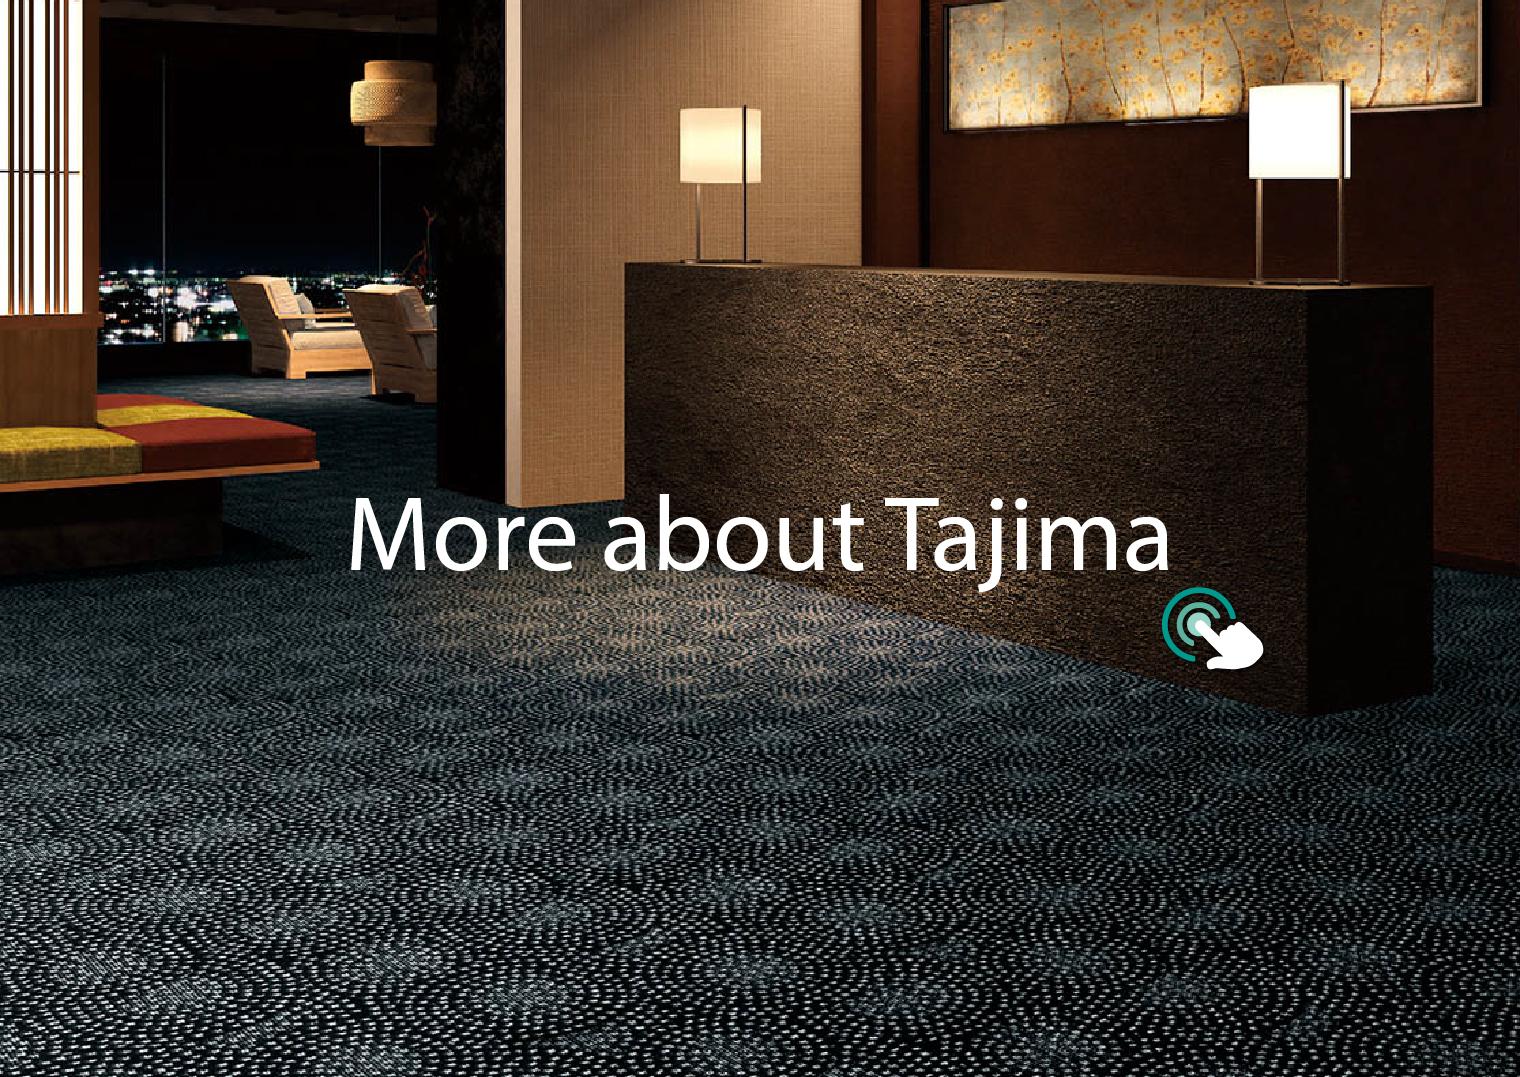 Tat Ming Flooring Brands Tajima